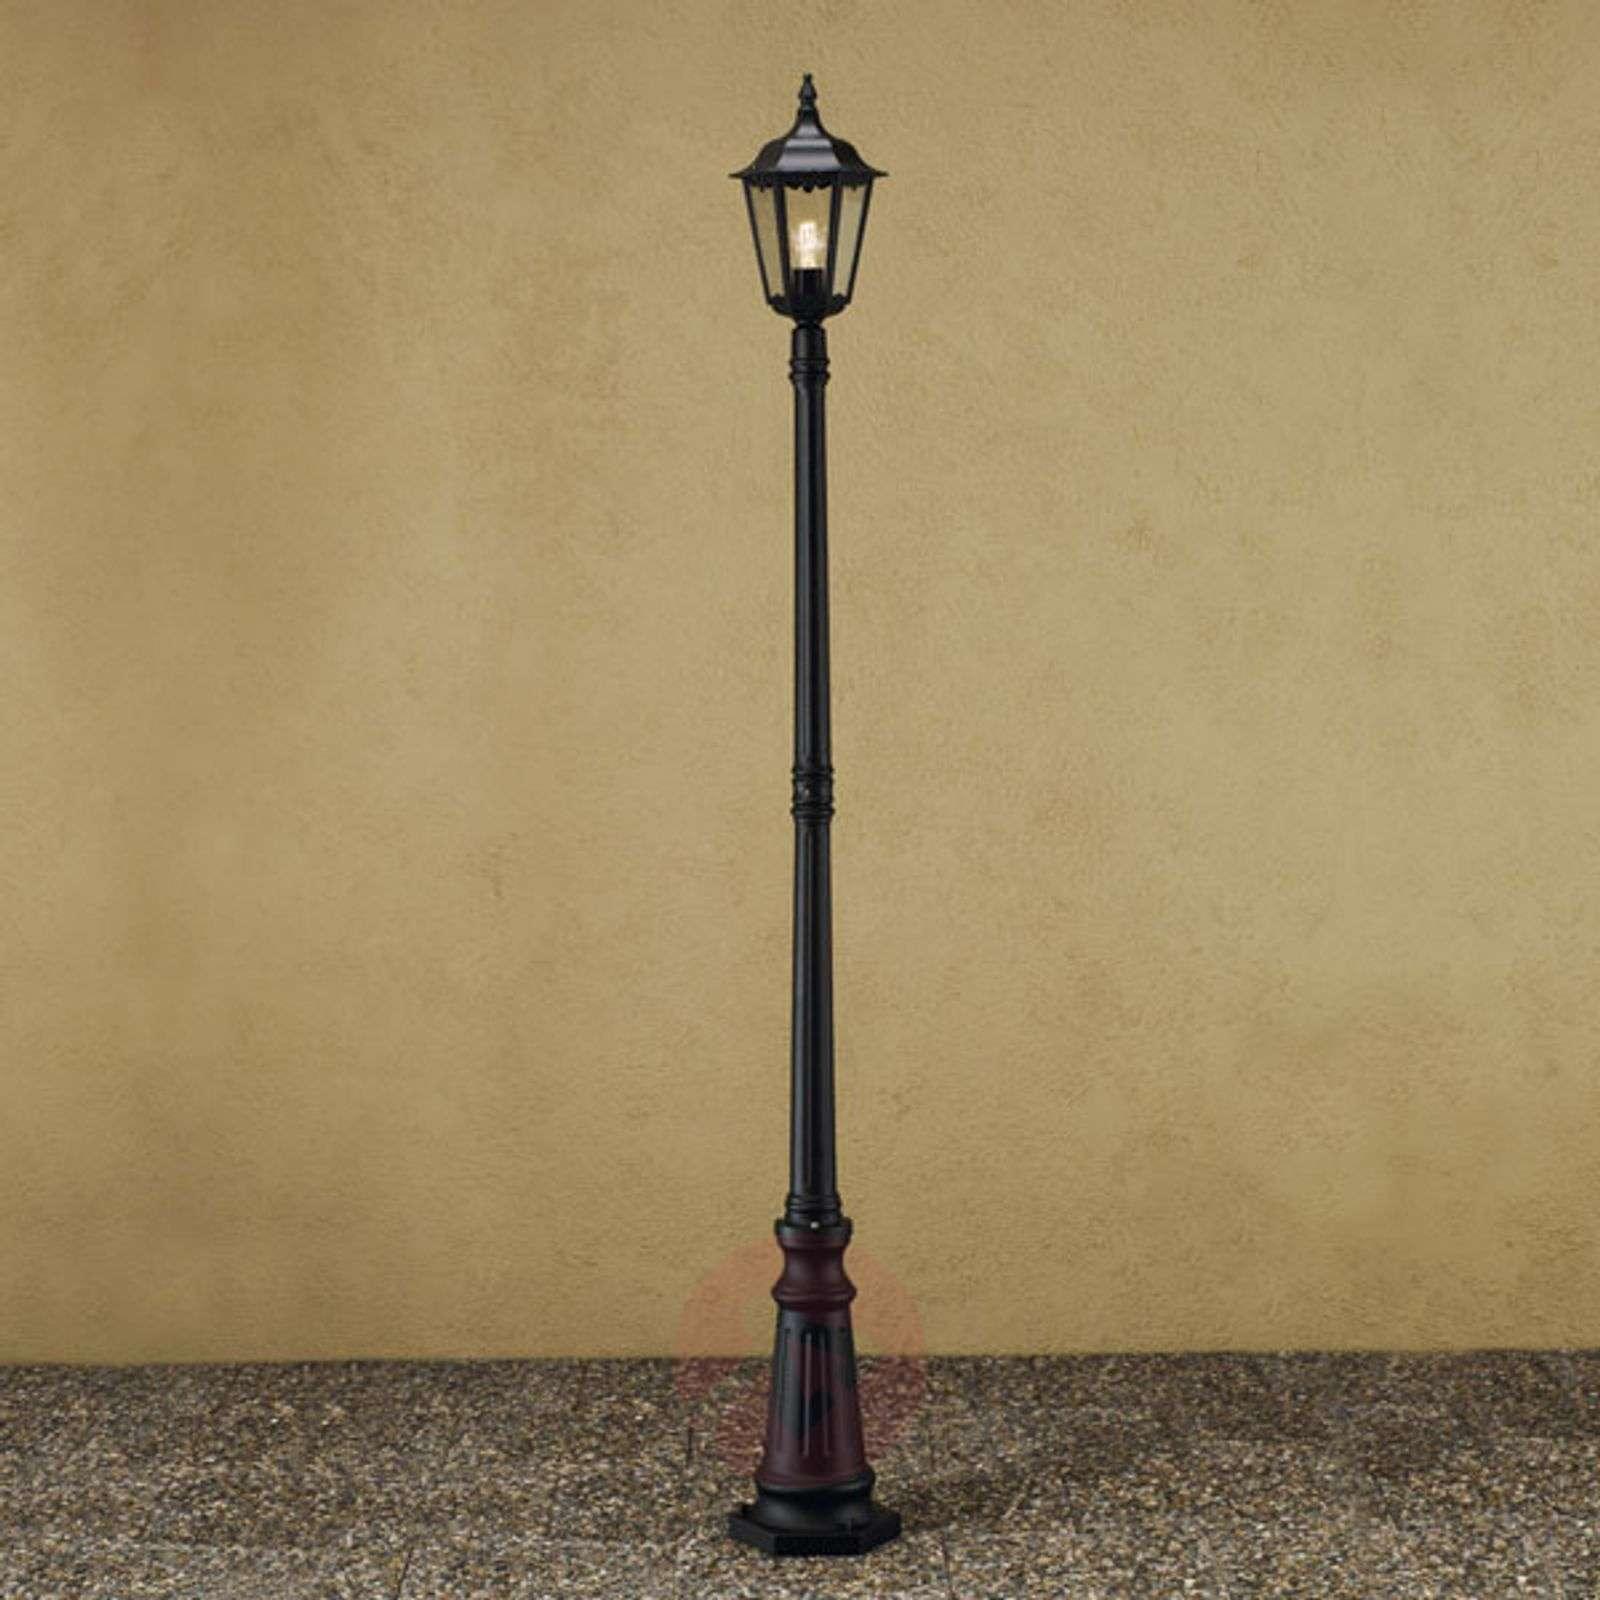 Yksilamppuinen lyhtypylväs Firenze-5522190X-01